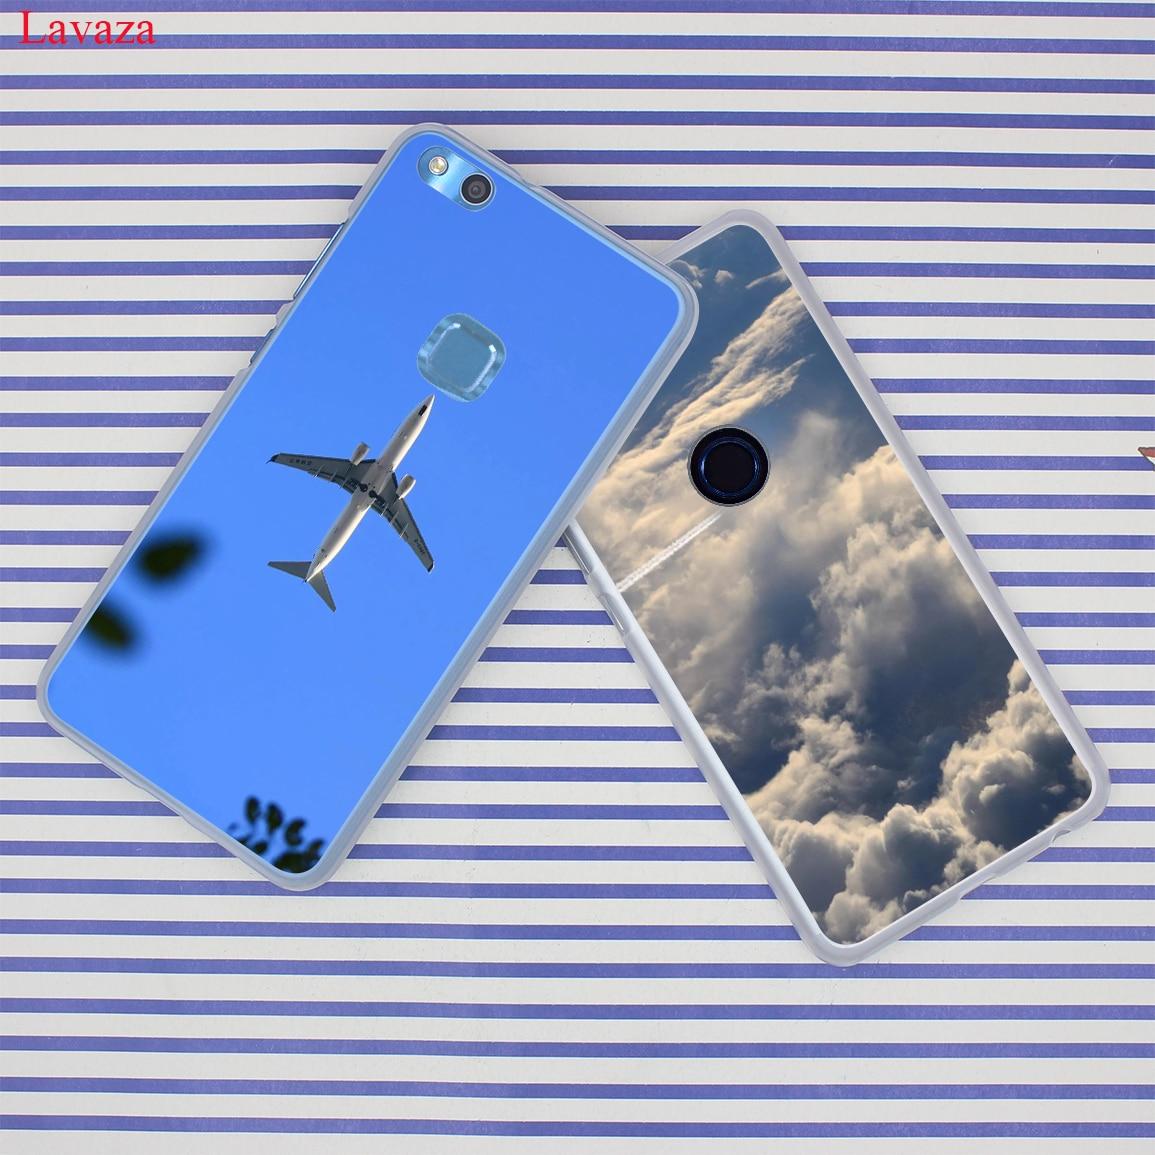 Lavaza Aircraft Airplane fly travel cloud Sky Case for Huawei Y6 Y3 Y5 II Y7 2017 Nova 2 Plus 2S 2i Honor 9 8 Lite 7 6 6A 7X 6X